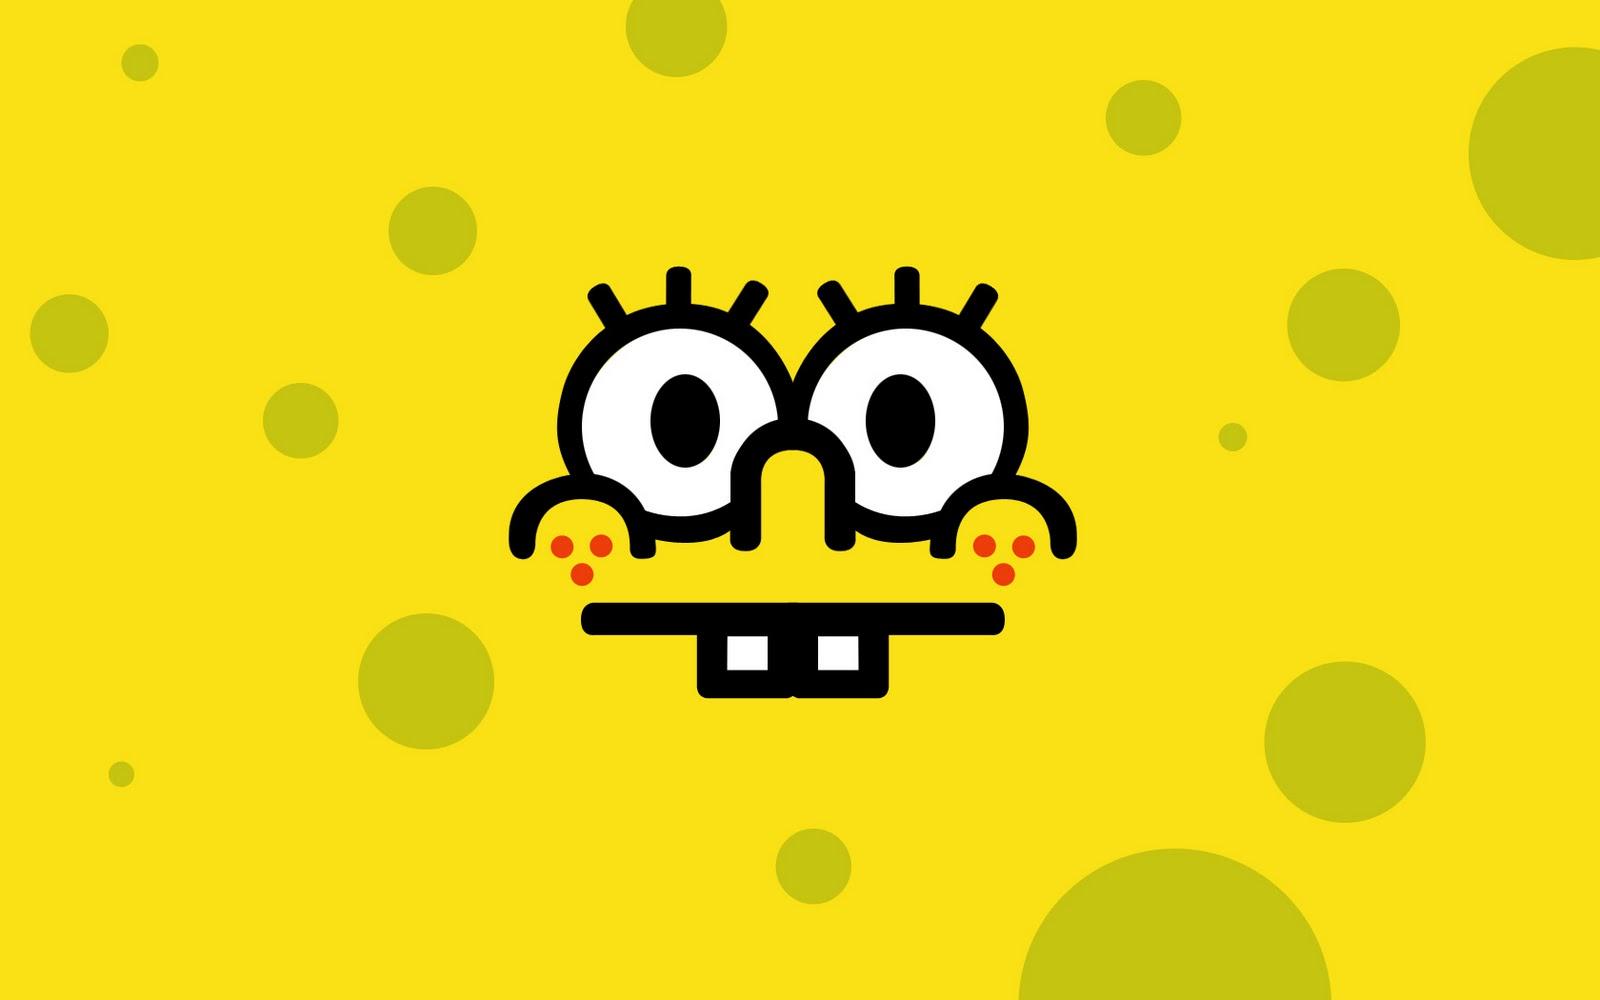 Funny Spongebob Wallpaper 679 Hd Wallpapers in Cartoons   Imagescicom 1600x1000